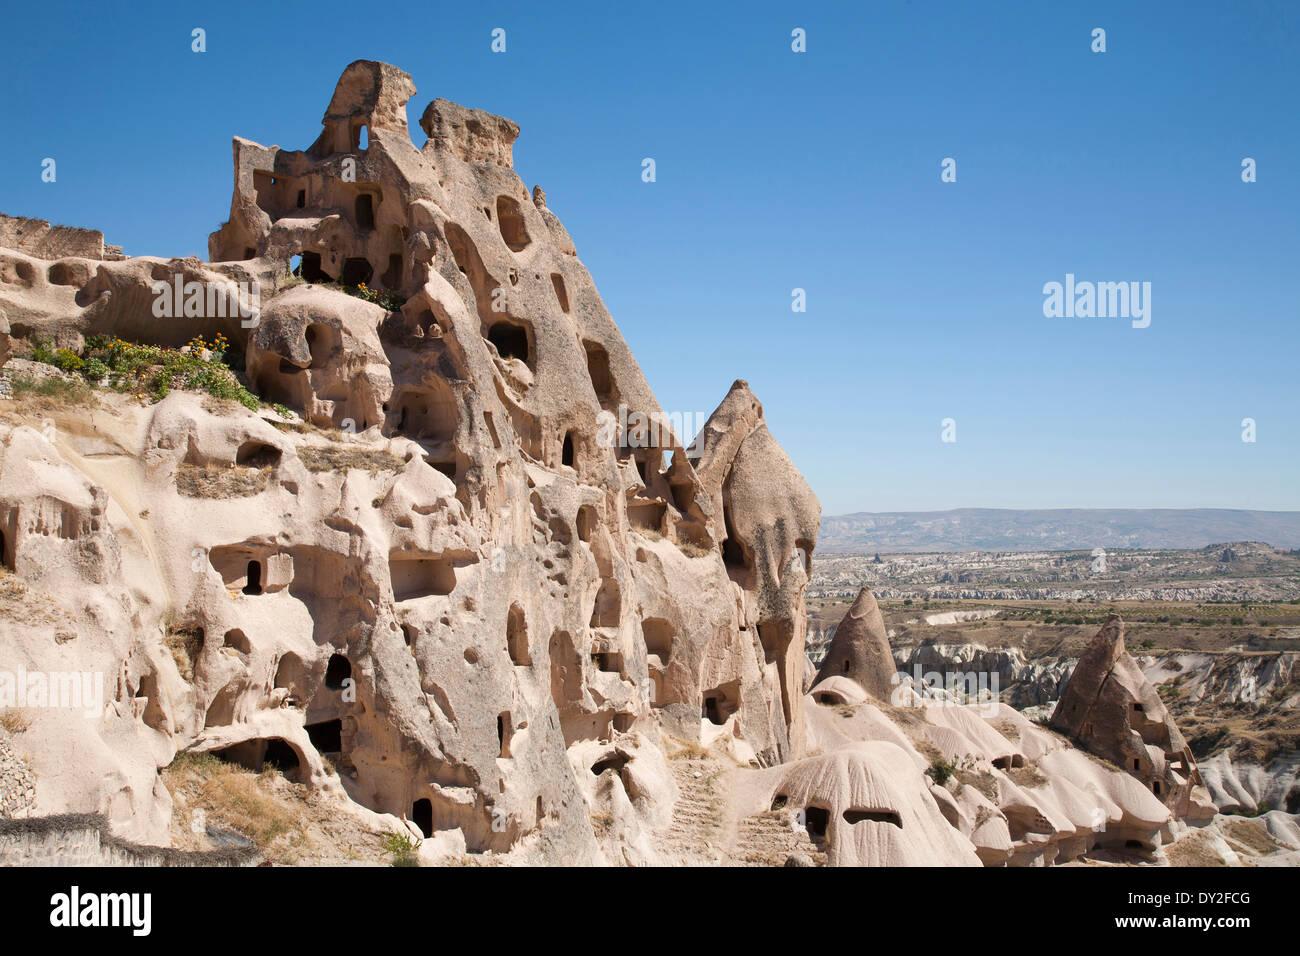 rock houses, uchisar, cappadocia, anatolia, turkey, asia - Stock Image